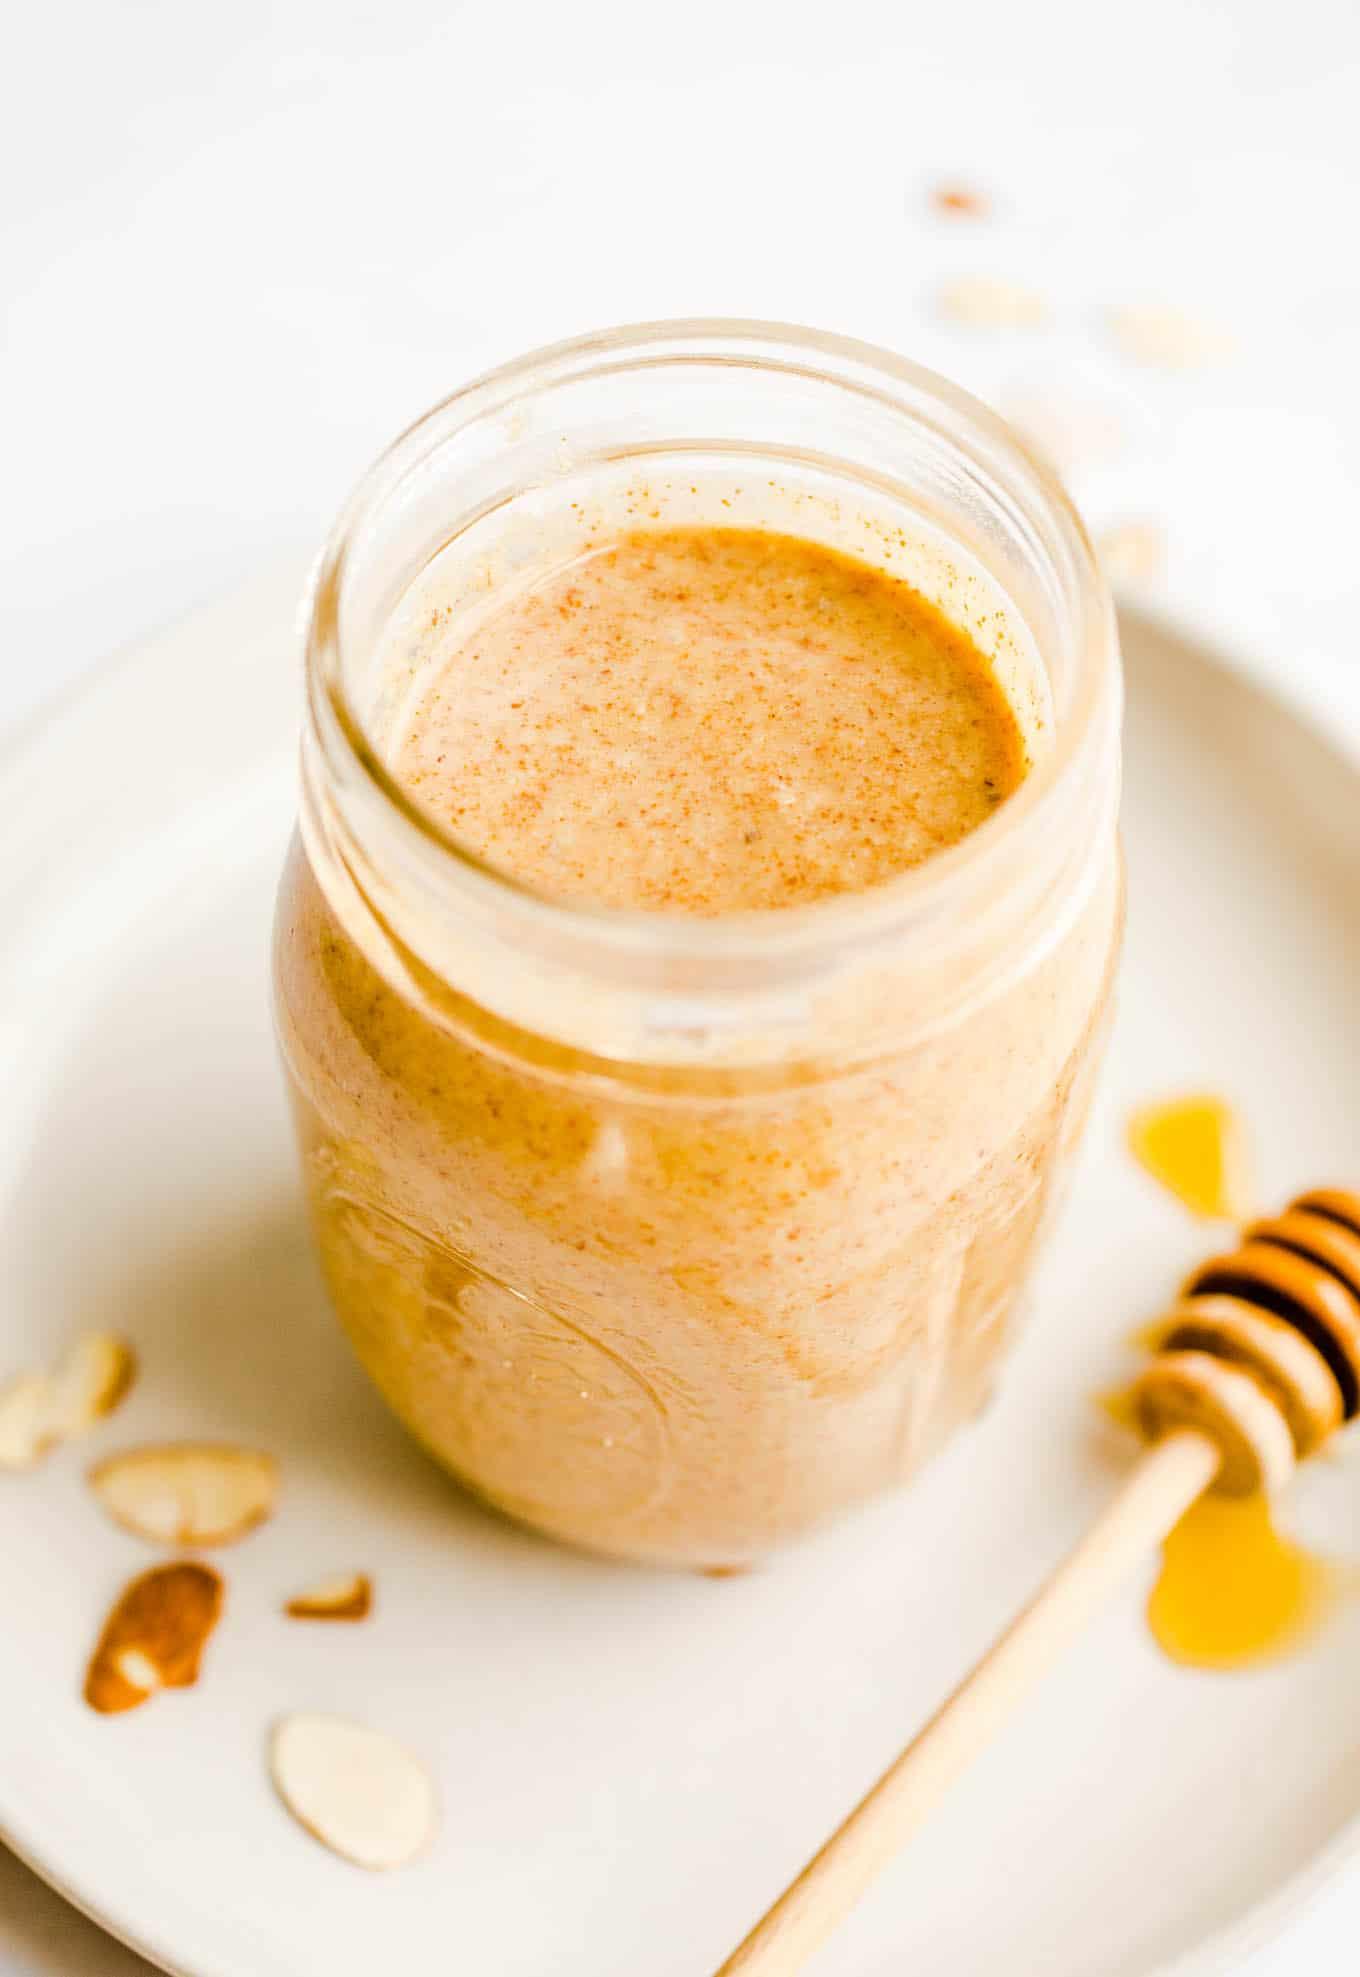 roasted almond butter in jar